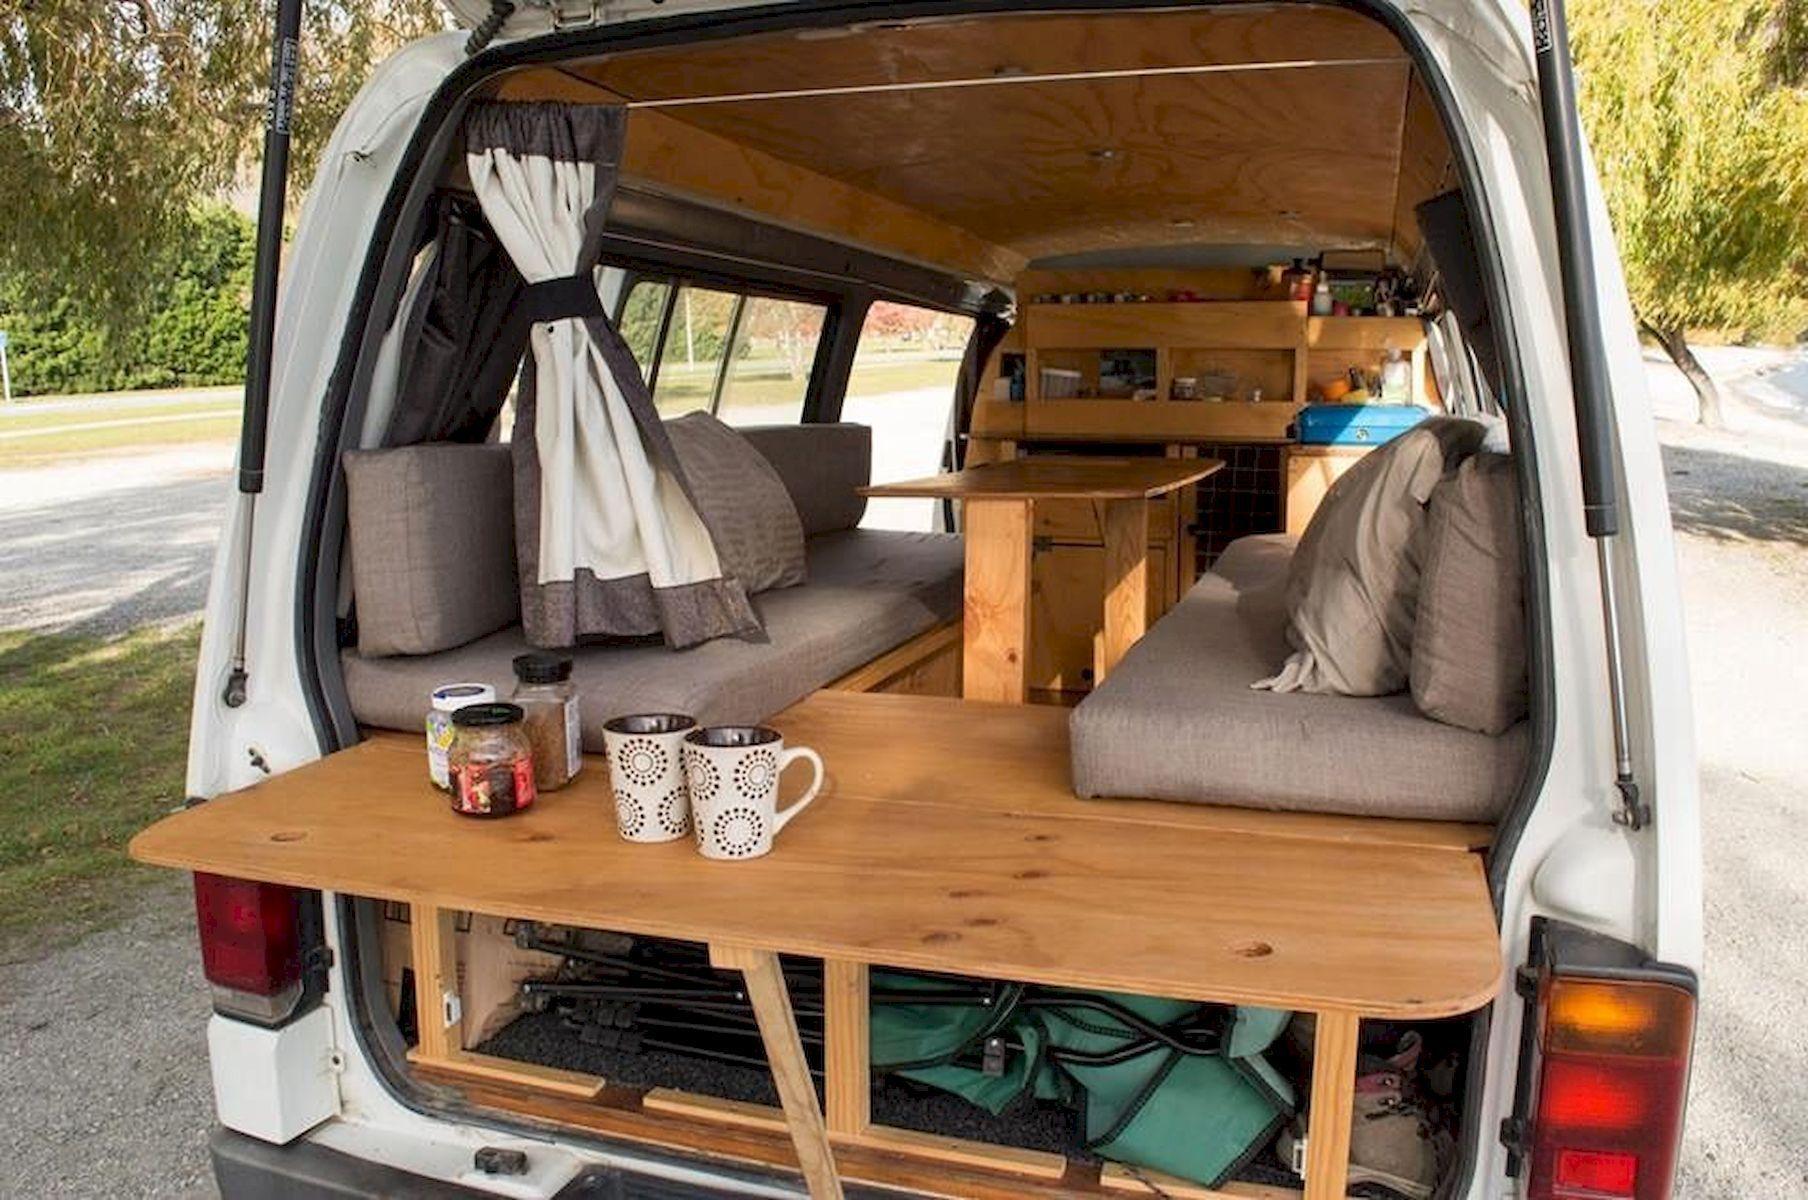 The Perfect Way Campervan Interior Design Ideas (55 Diy